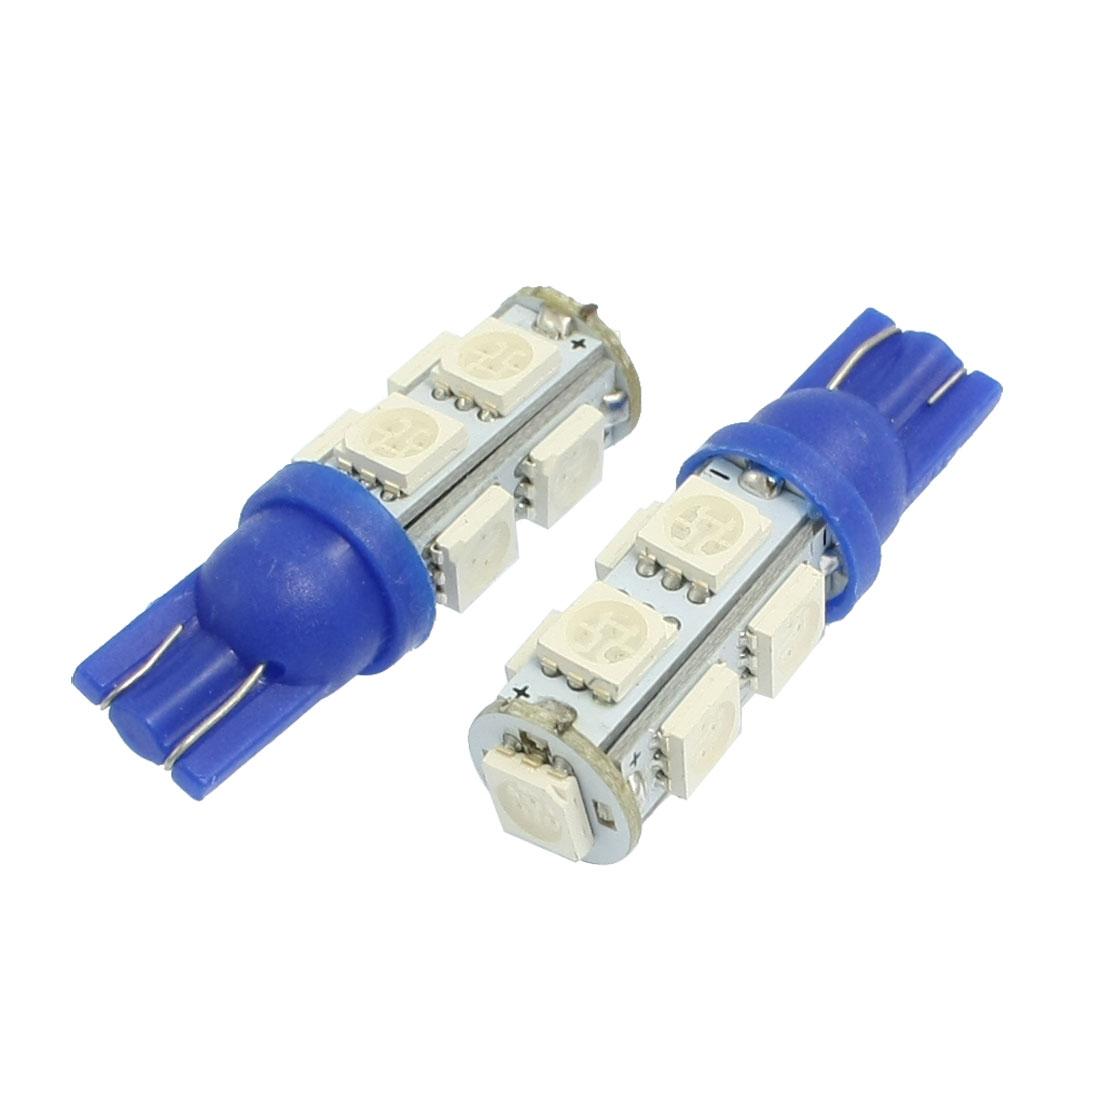 2 Pcs W5W 194 168 501 T10 9-SMD Blue 5050 Chip LED Car Light Bulb